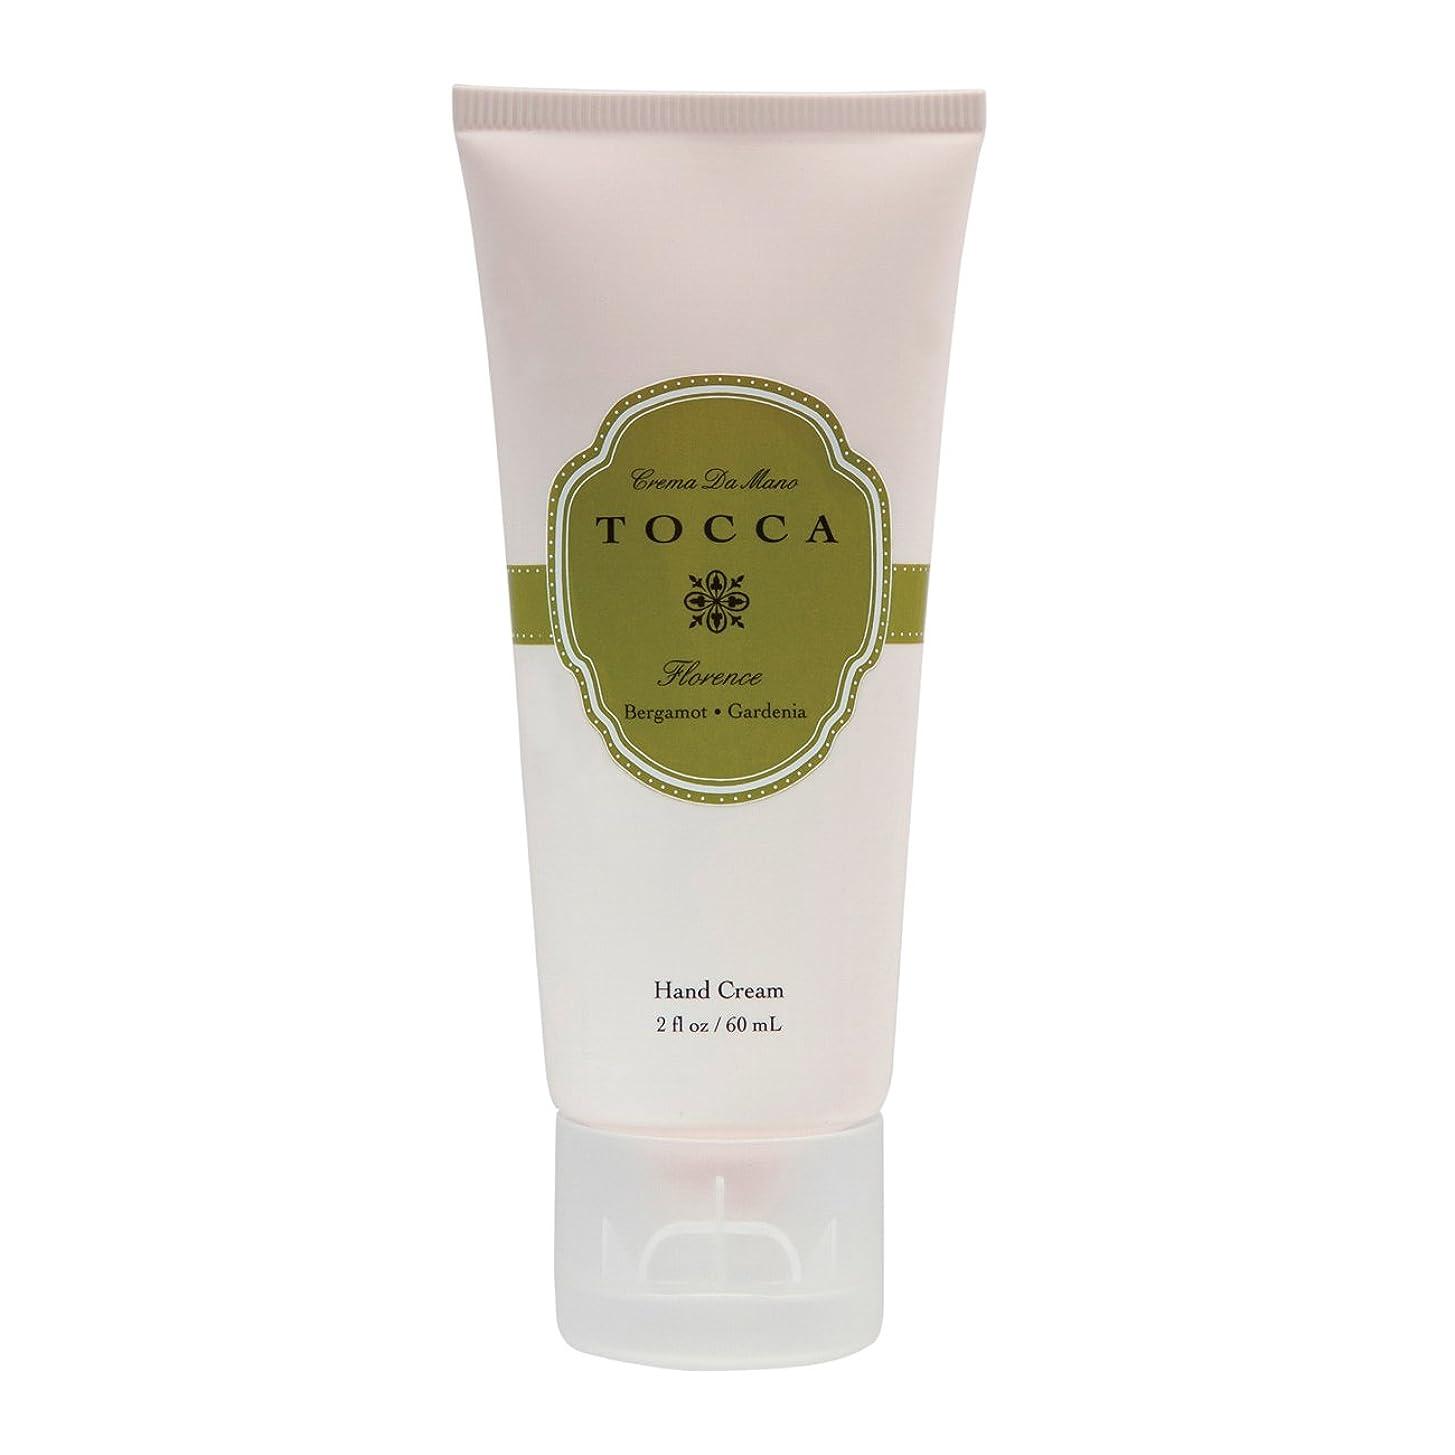 先例ビスケット冗長トッカ(TOCCA) ハンドクリーム フローレンスの香り 60ml(手指用保湿 ガーデニアとベルガモットが誘うように溶け合うどこまでも上品なフローラルの香り)